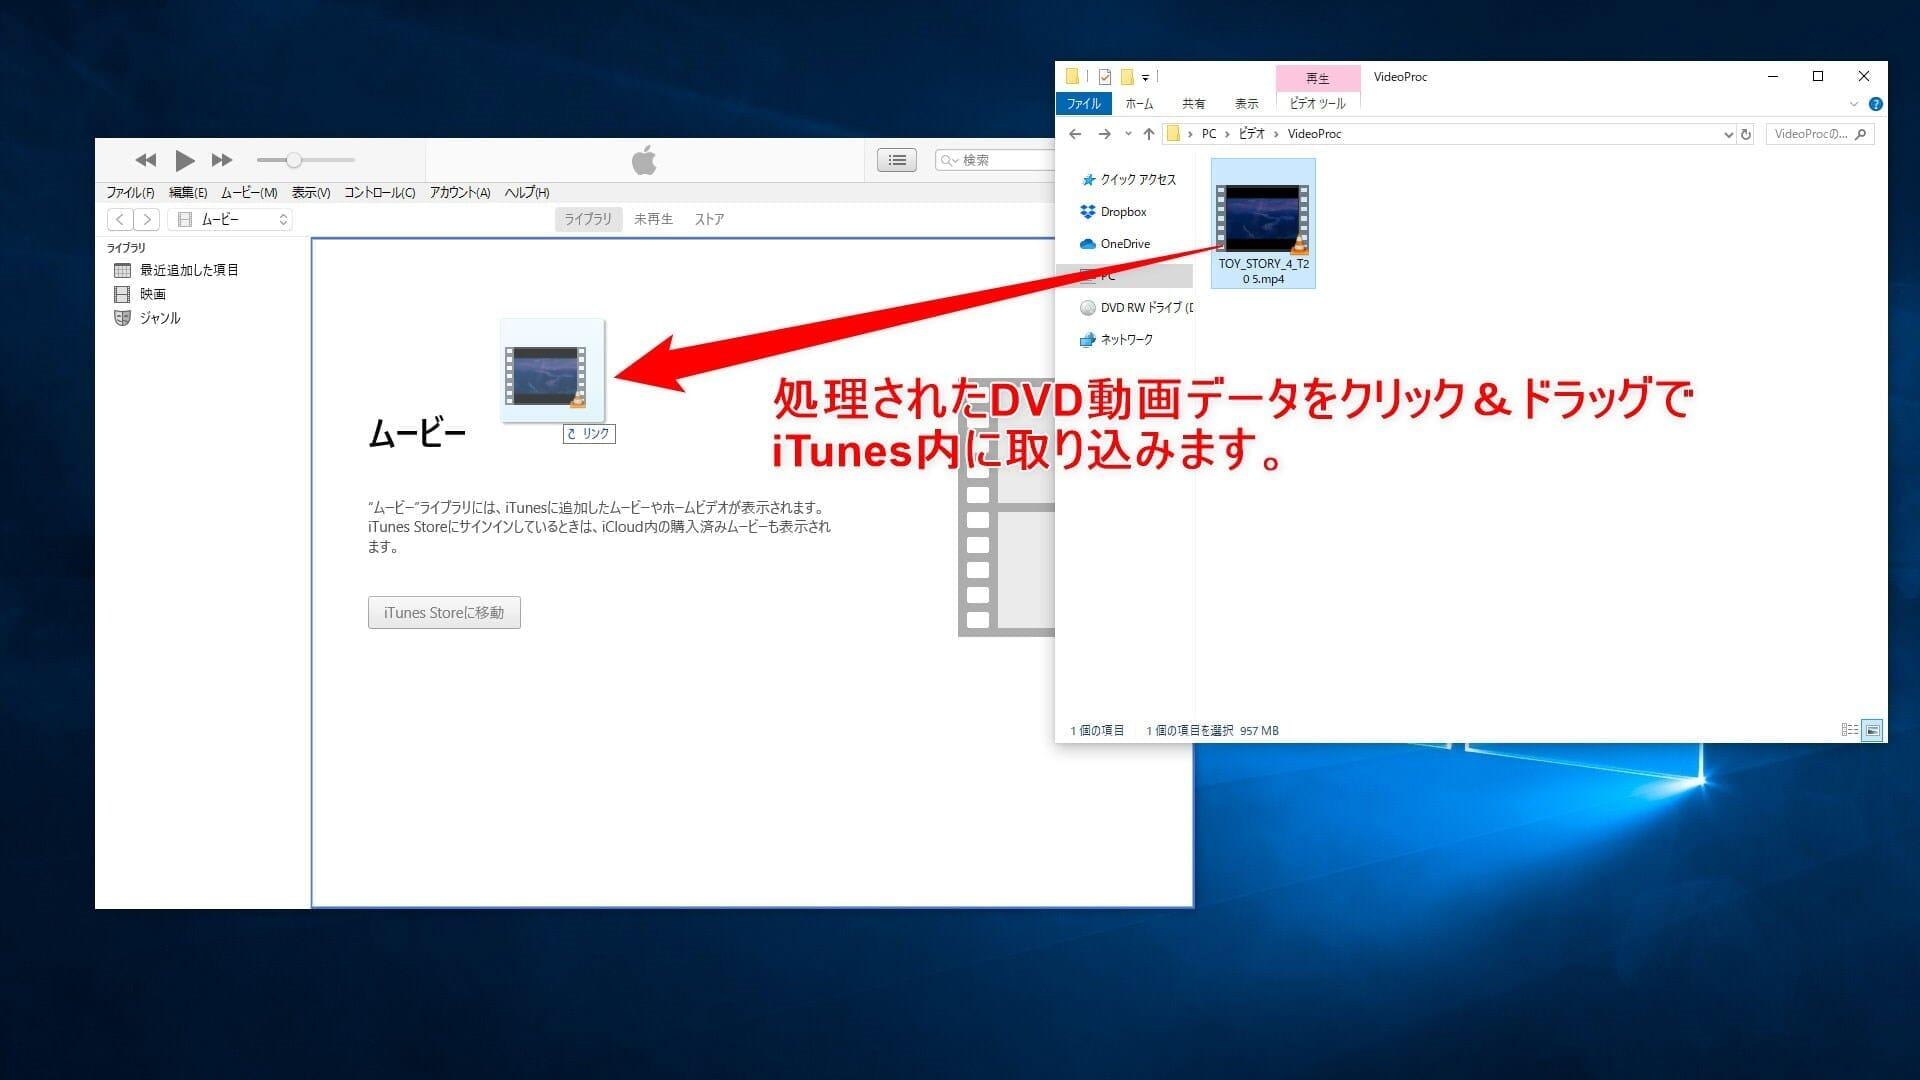 【DVDをiPhoneにコピーして観る】DVDリッピング~データ変換・スマホに取り込む方法|コピーガード解除、MP4・ISOのパソコン保存もVideoProcなら簡単!|変換したmp4データをiTunesに取り込む:先ほどDVDデータ処理後に開かれたフォルダにあるDVD動画データをクリック&ドラッグでiTunes上に持っていきます。 「リンク」とマウスポインタ周辺に表示されたら、動画データをドロップしましょう。